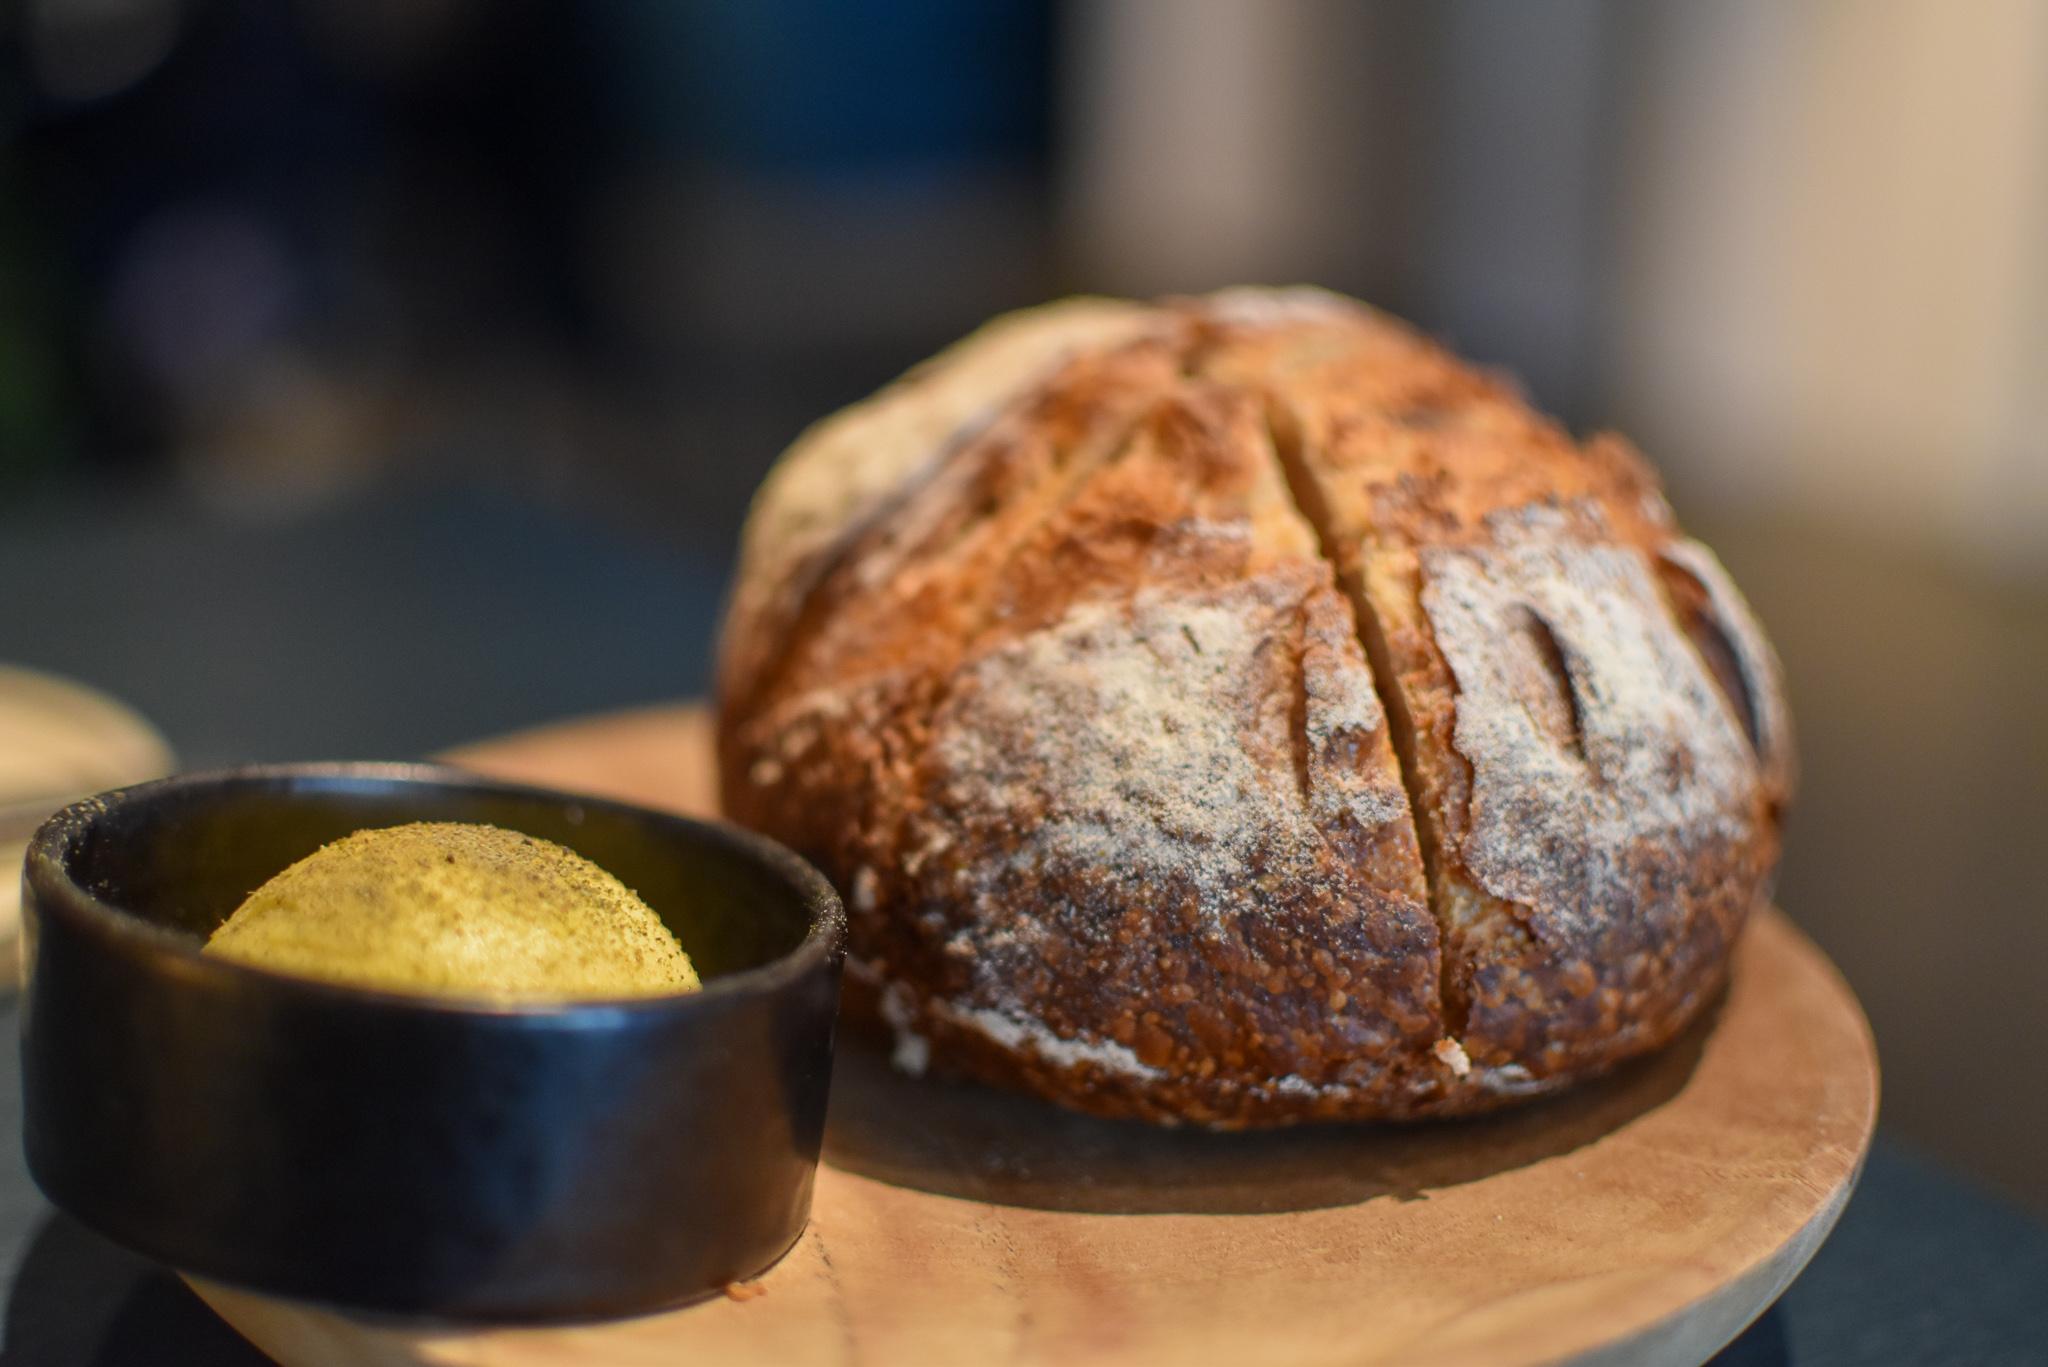 Huisgemaakt zuurdesembrood - Bordier-boter met olijfolie en poeder van kappertjes